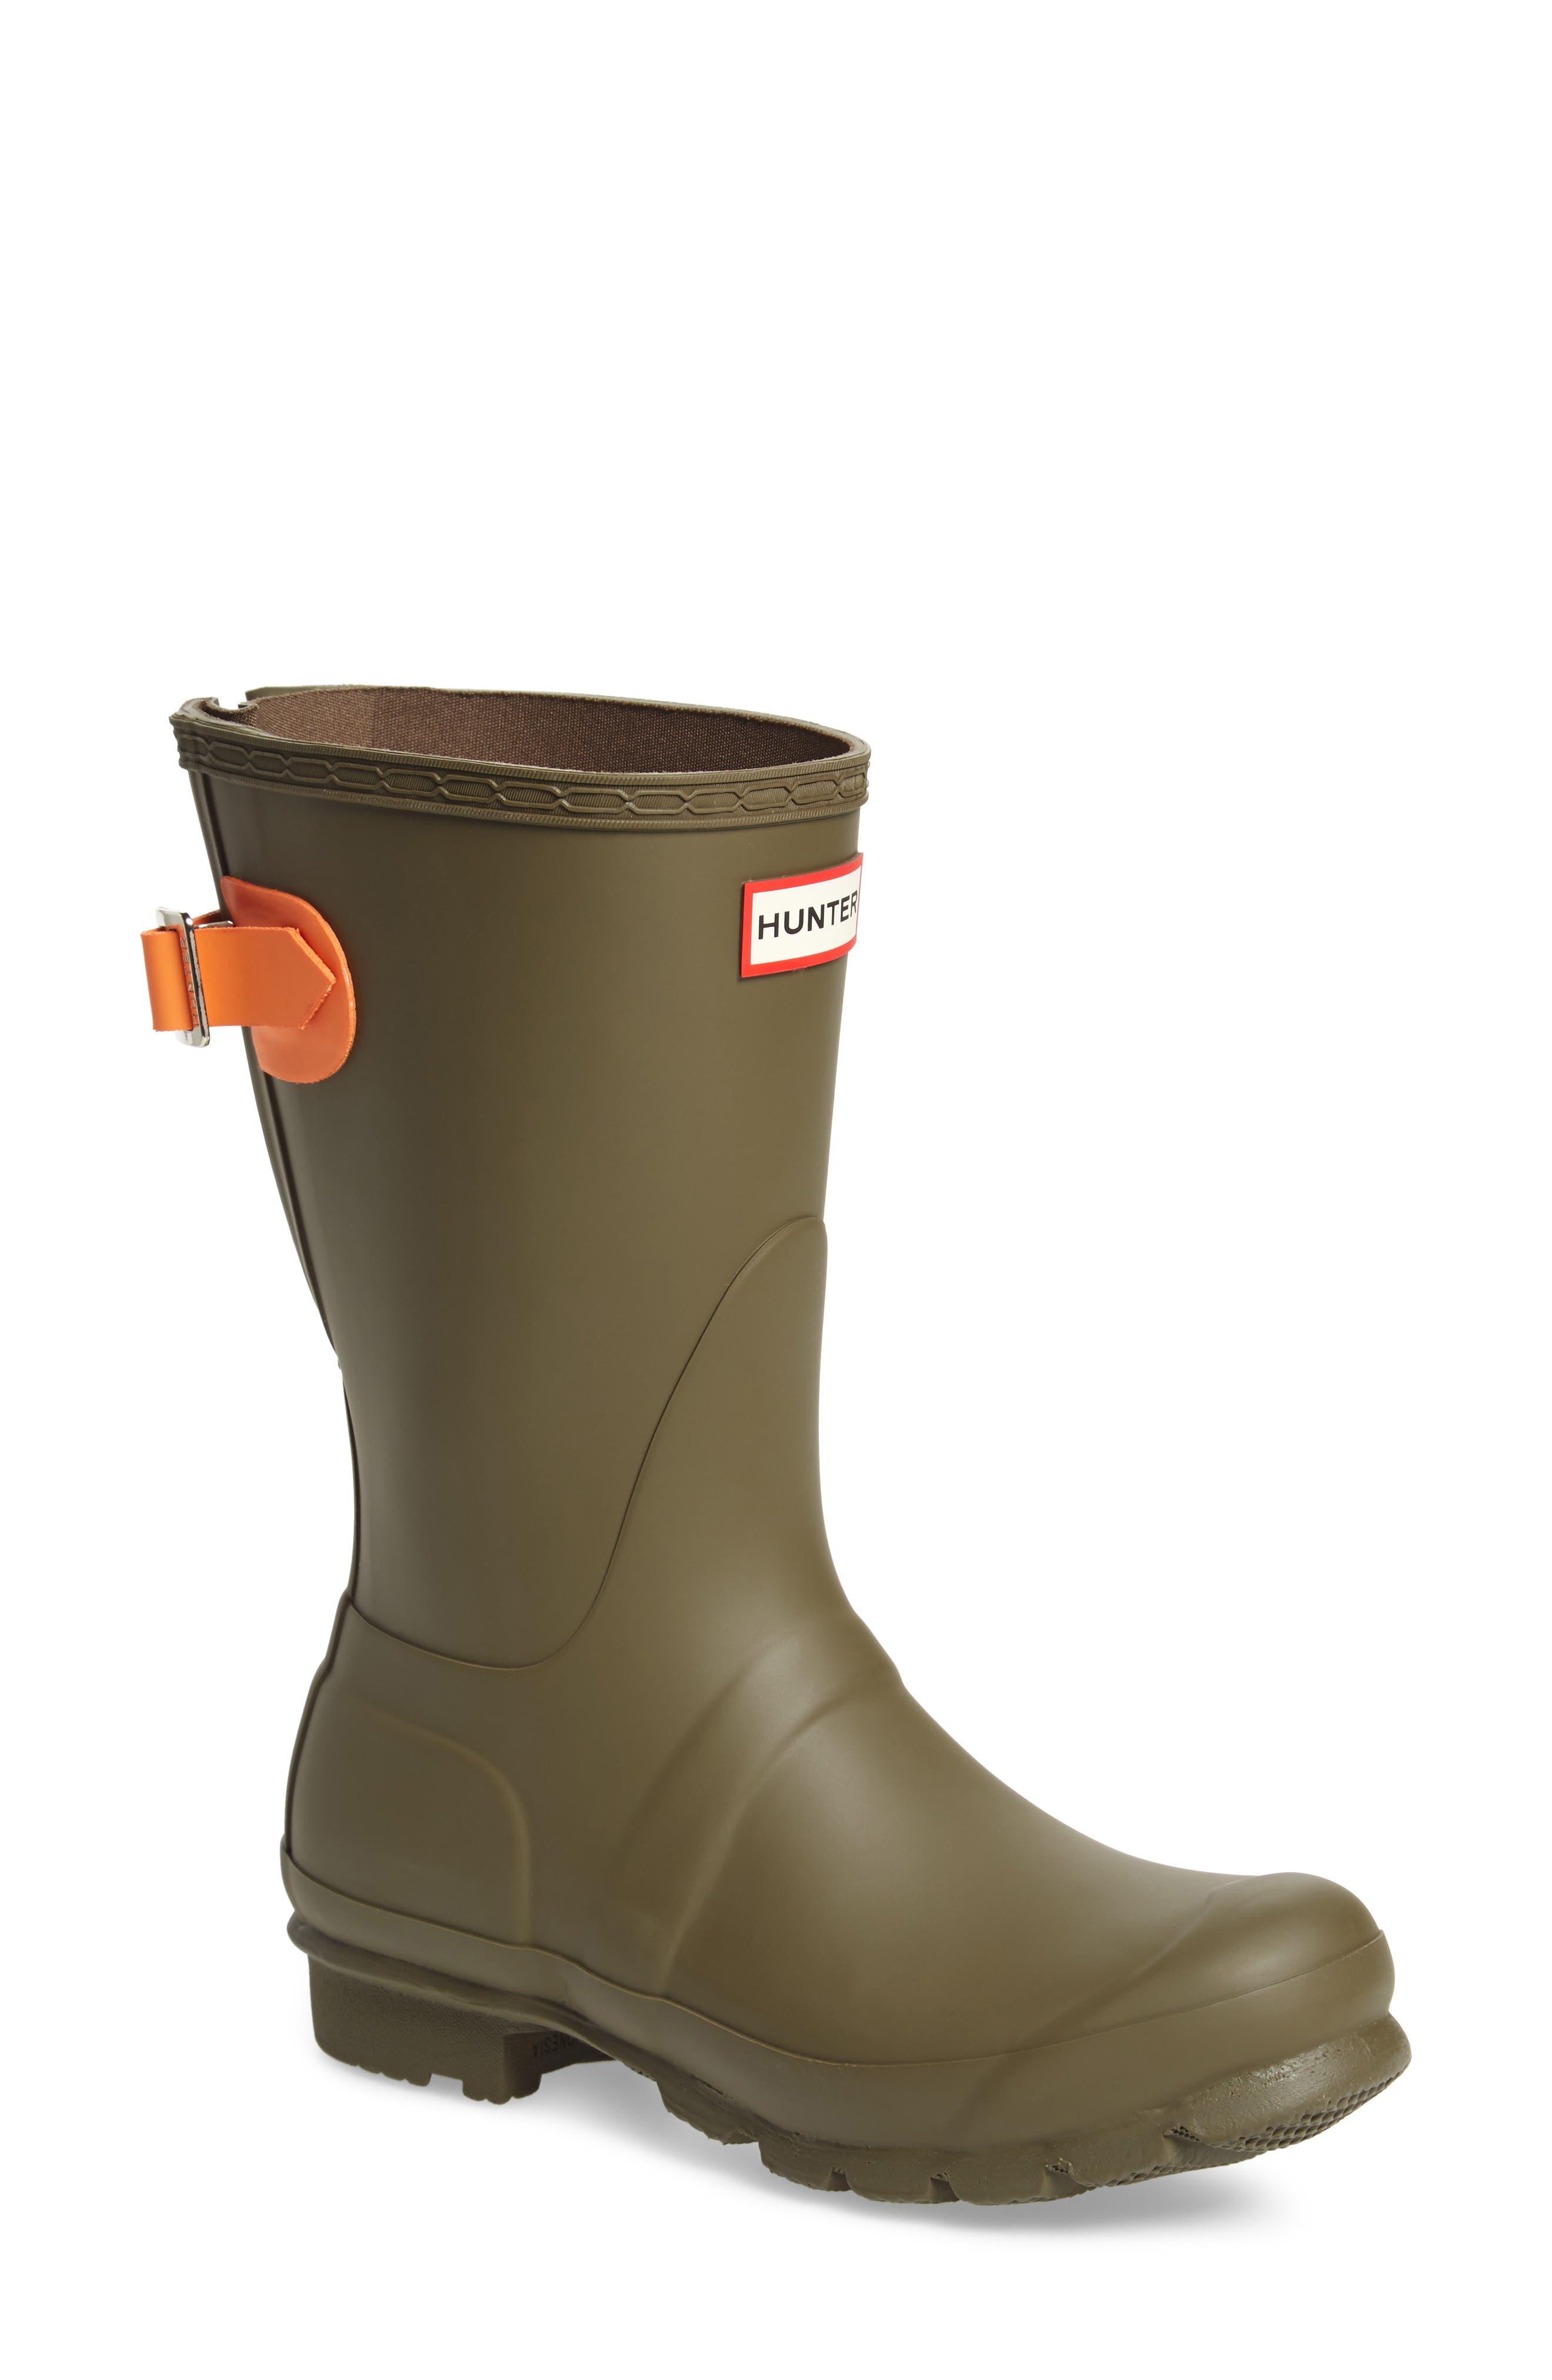 HUNTER Original Short Back Adjustable Rain Boot